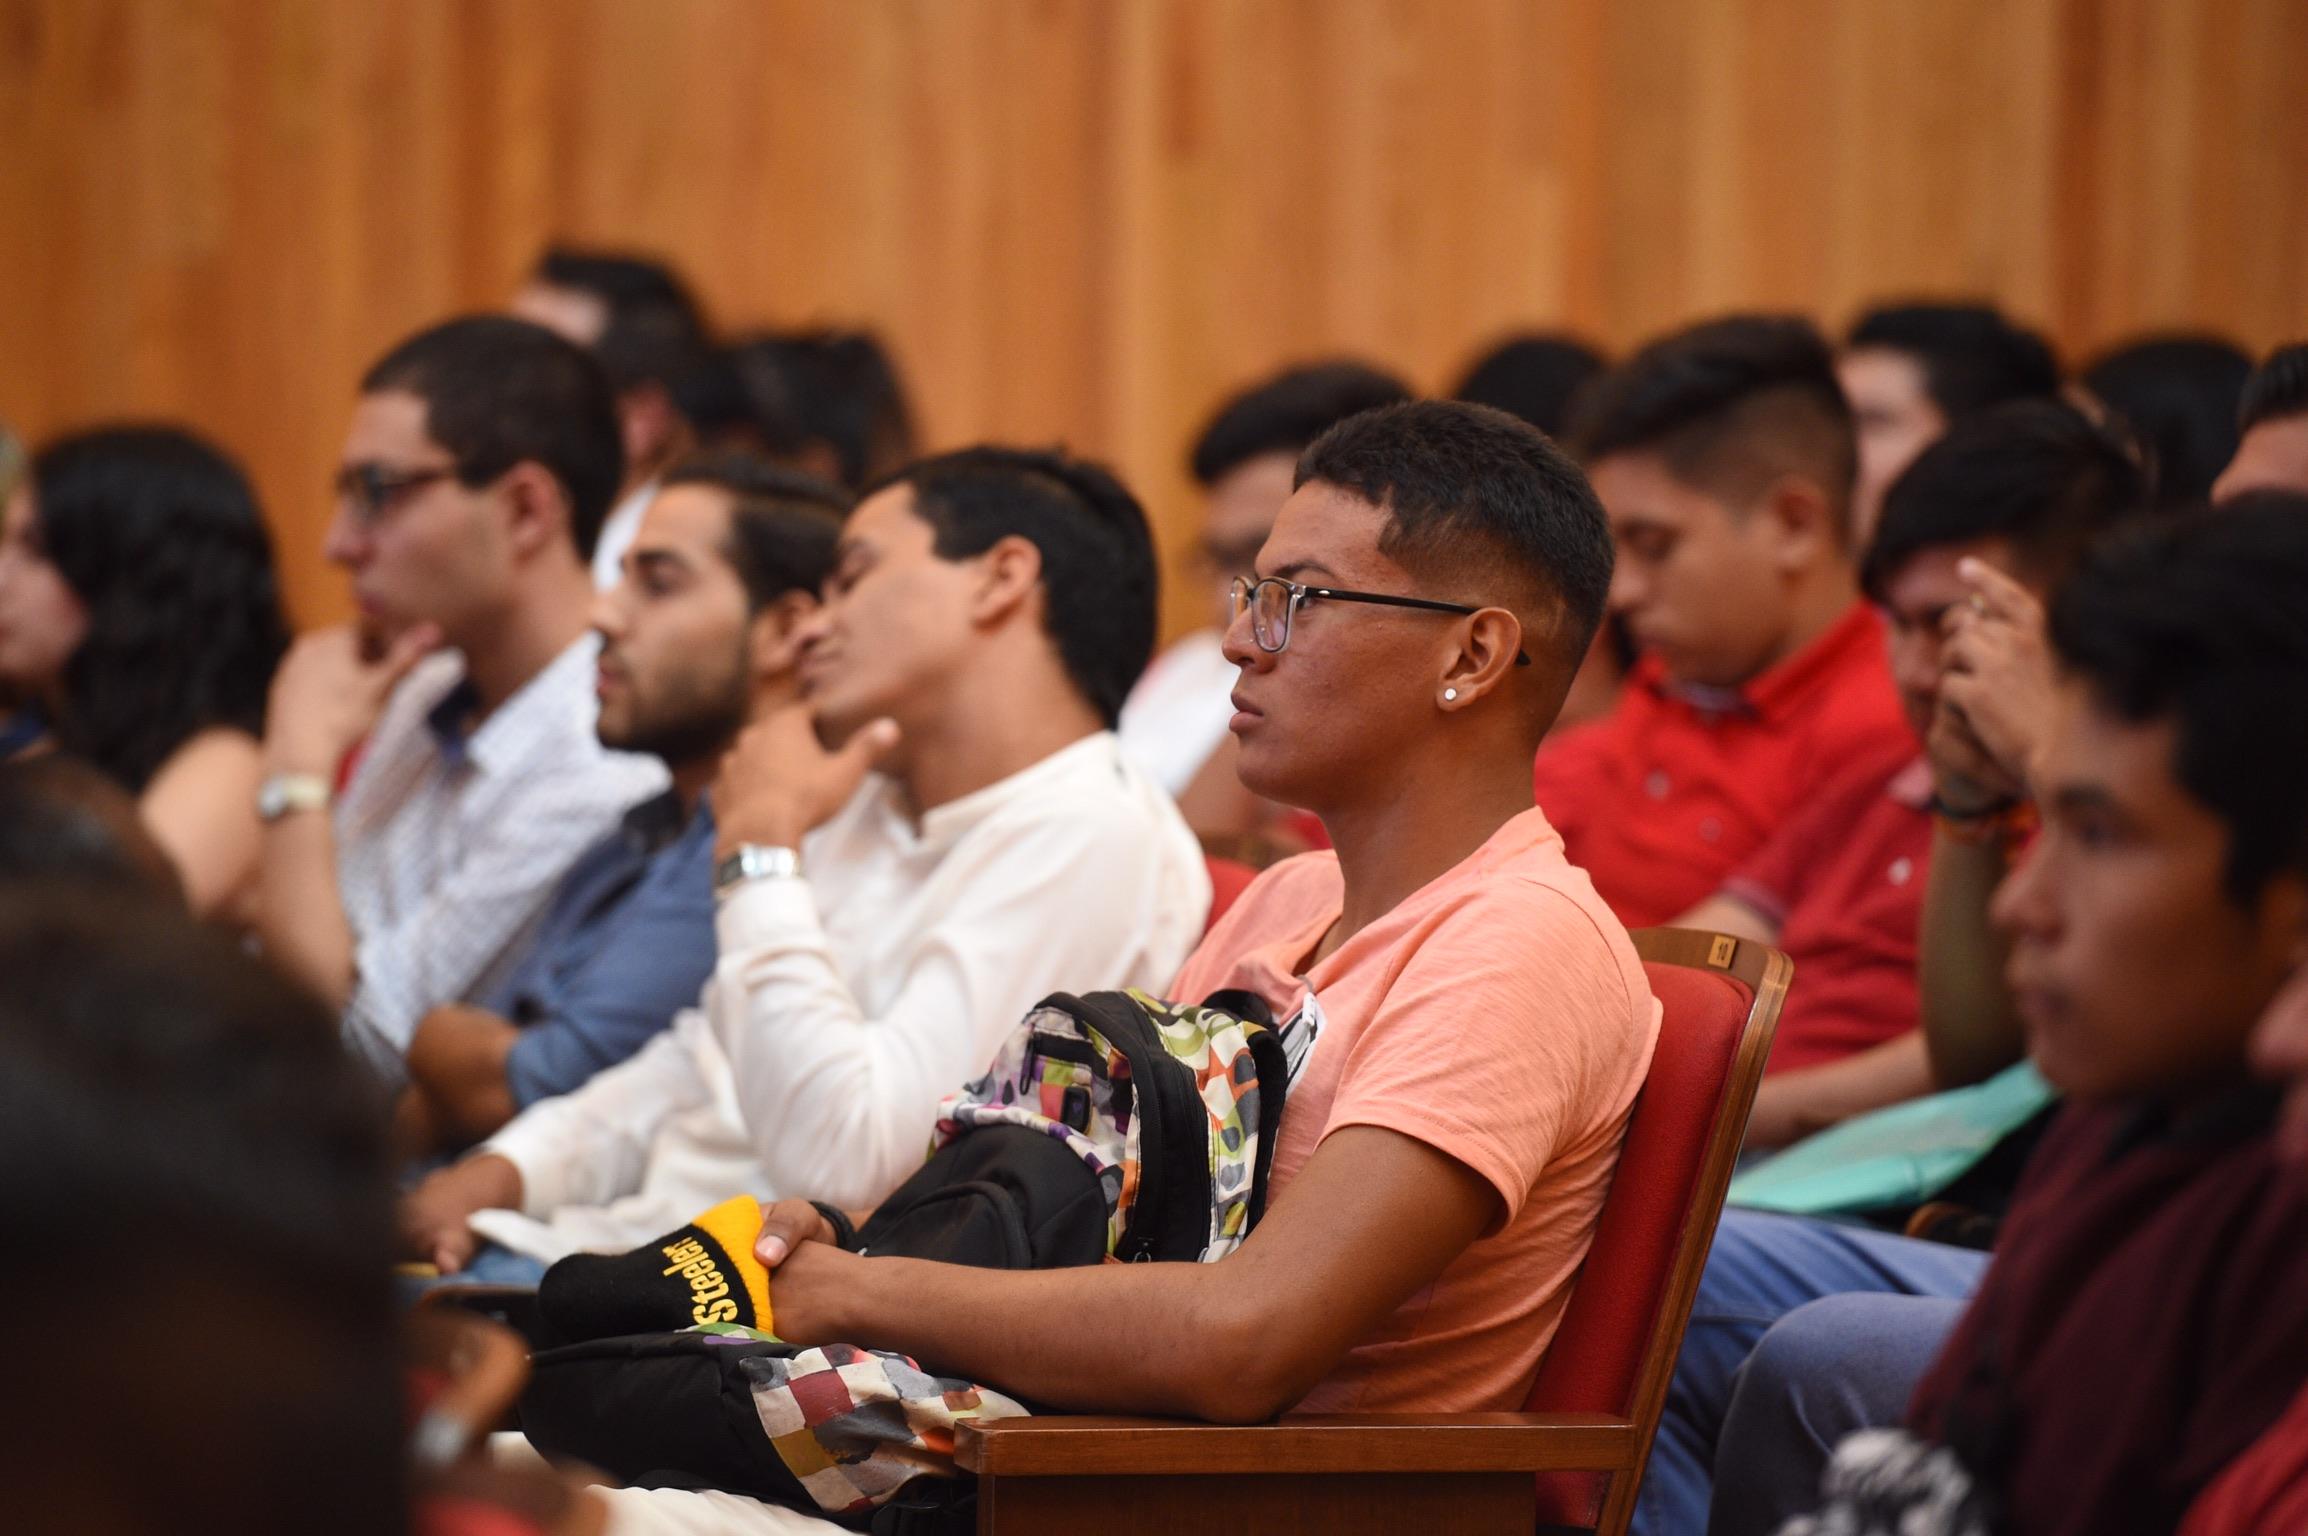 Estudiantes de la Red Universitaria asistentes a la ceremonia de festejo, en el Paraninfo Enrique Díaz de León.